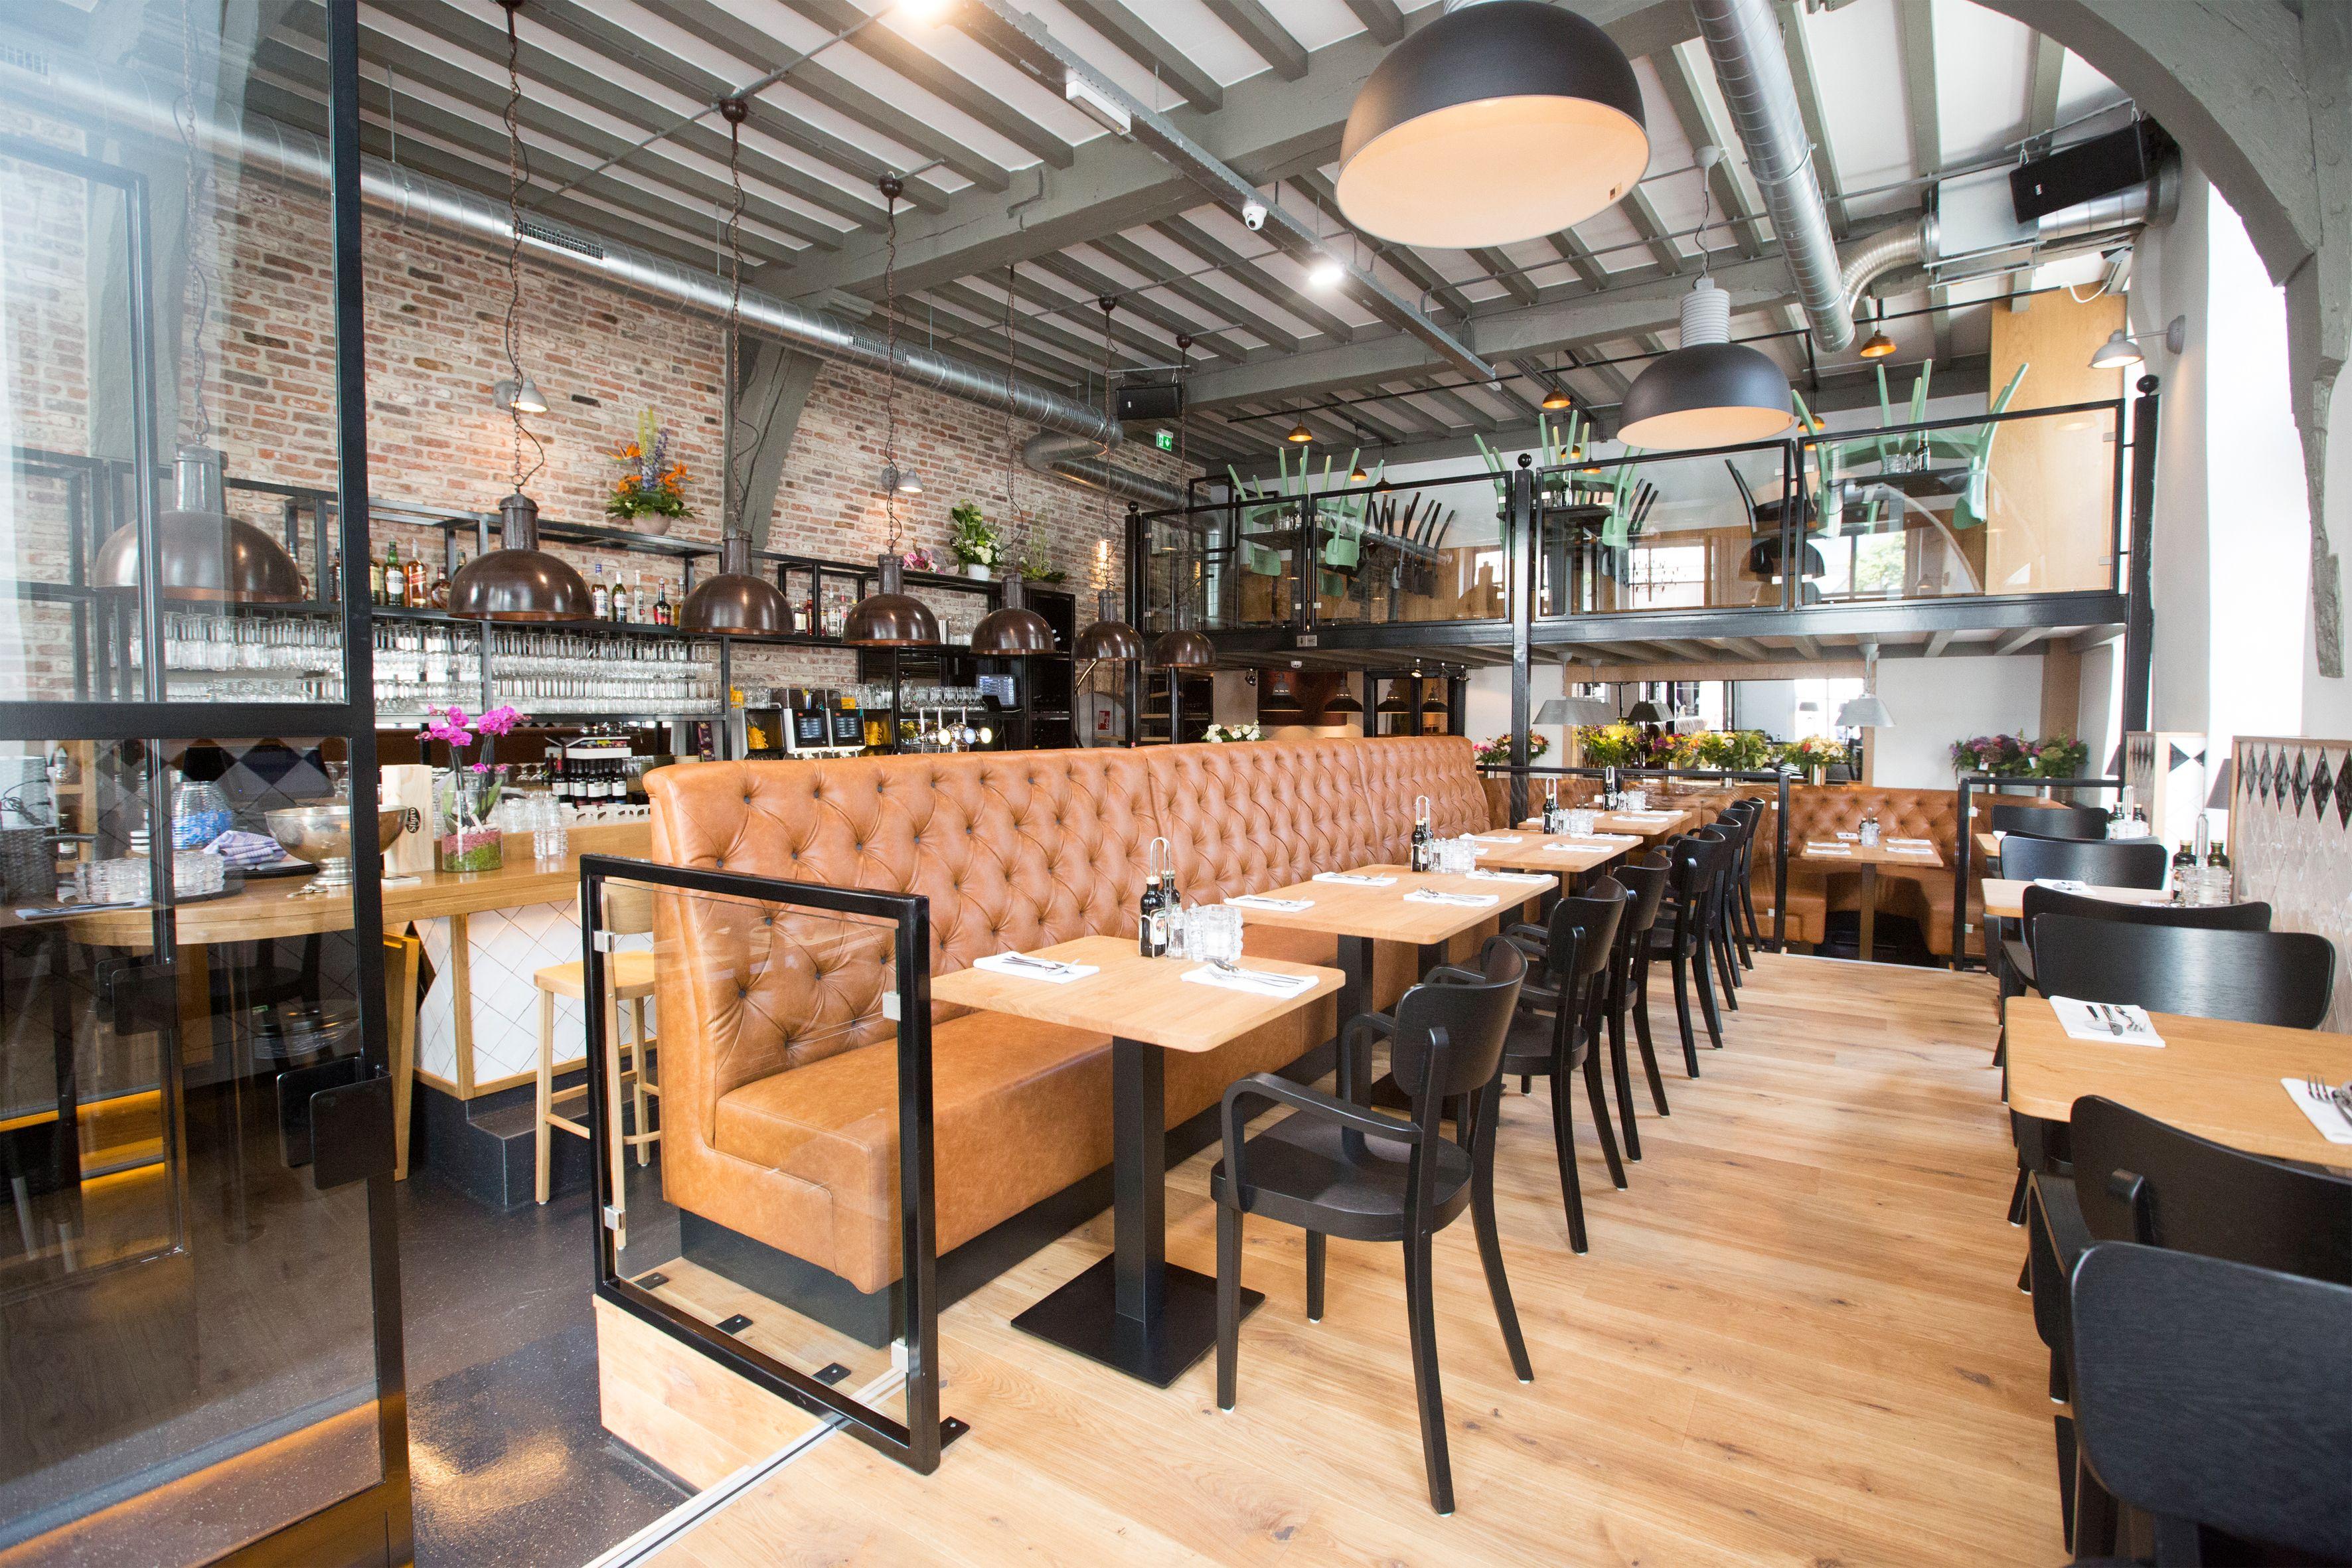 Horeca Meubels Amsterdam : Horeca meubelen projecten inrichting restaurant zitbank